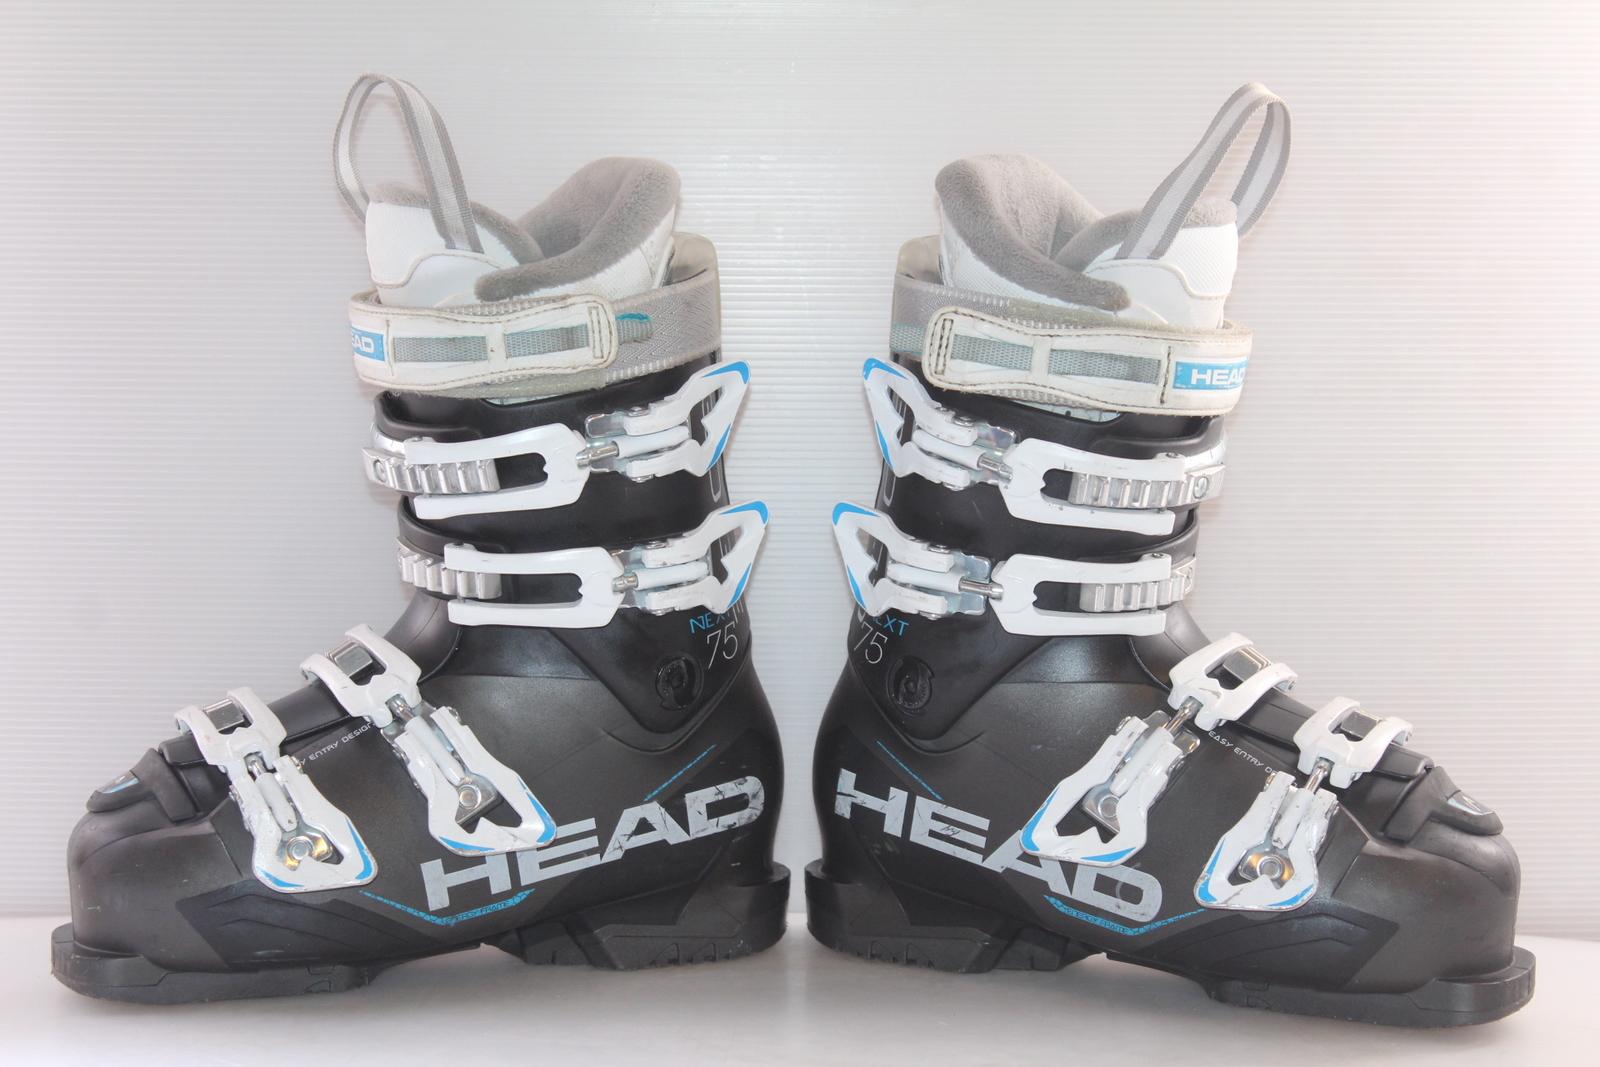 Dámské lyžáky Head NExt Edge 75 vel. EU38.5